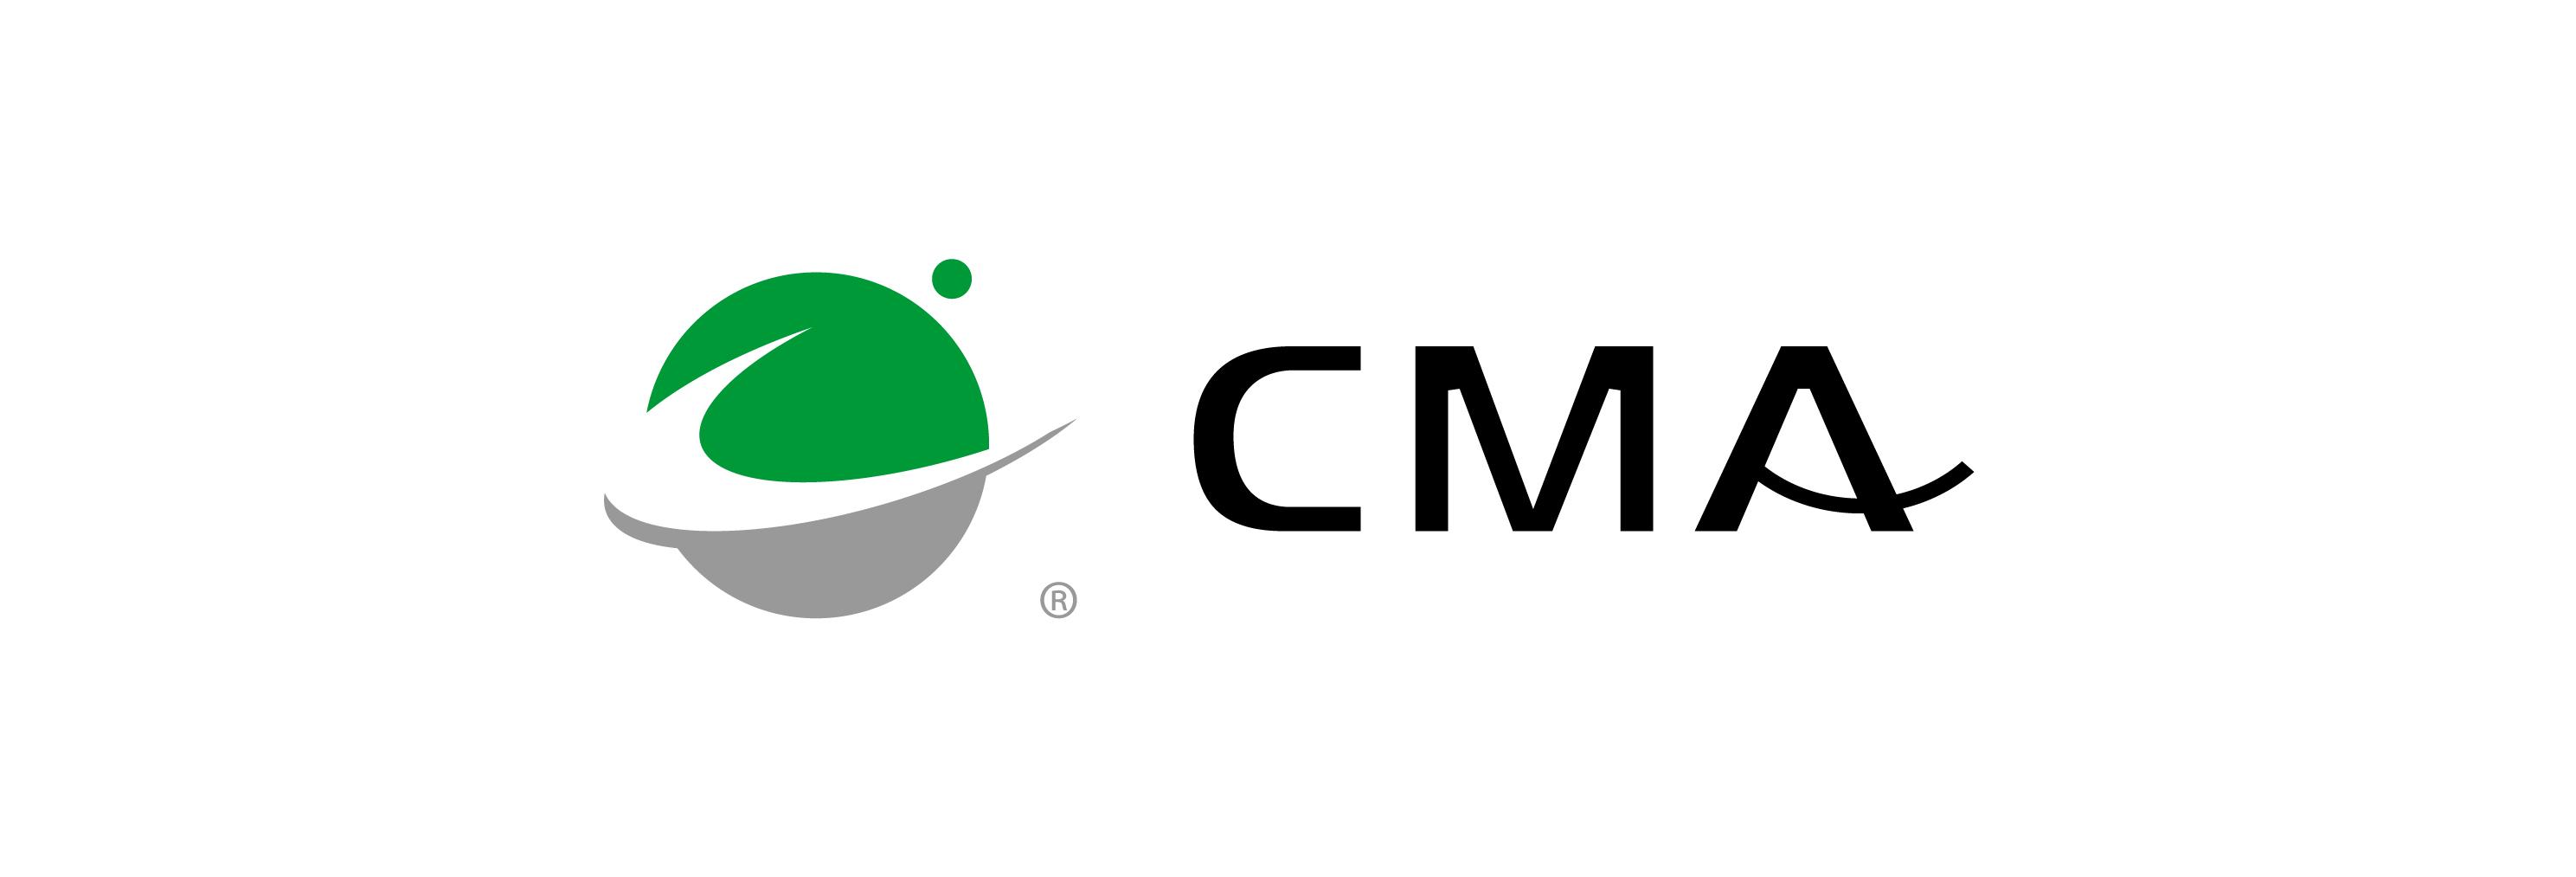 CMA株式会社